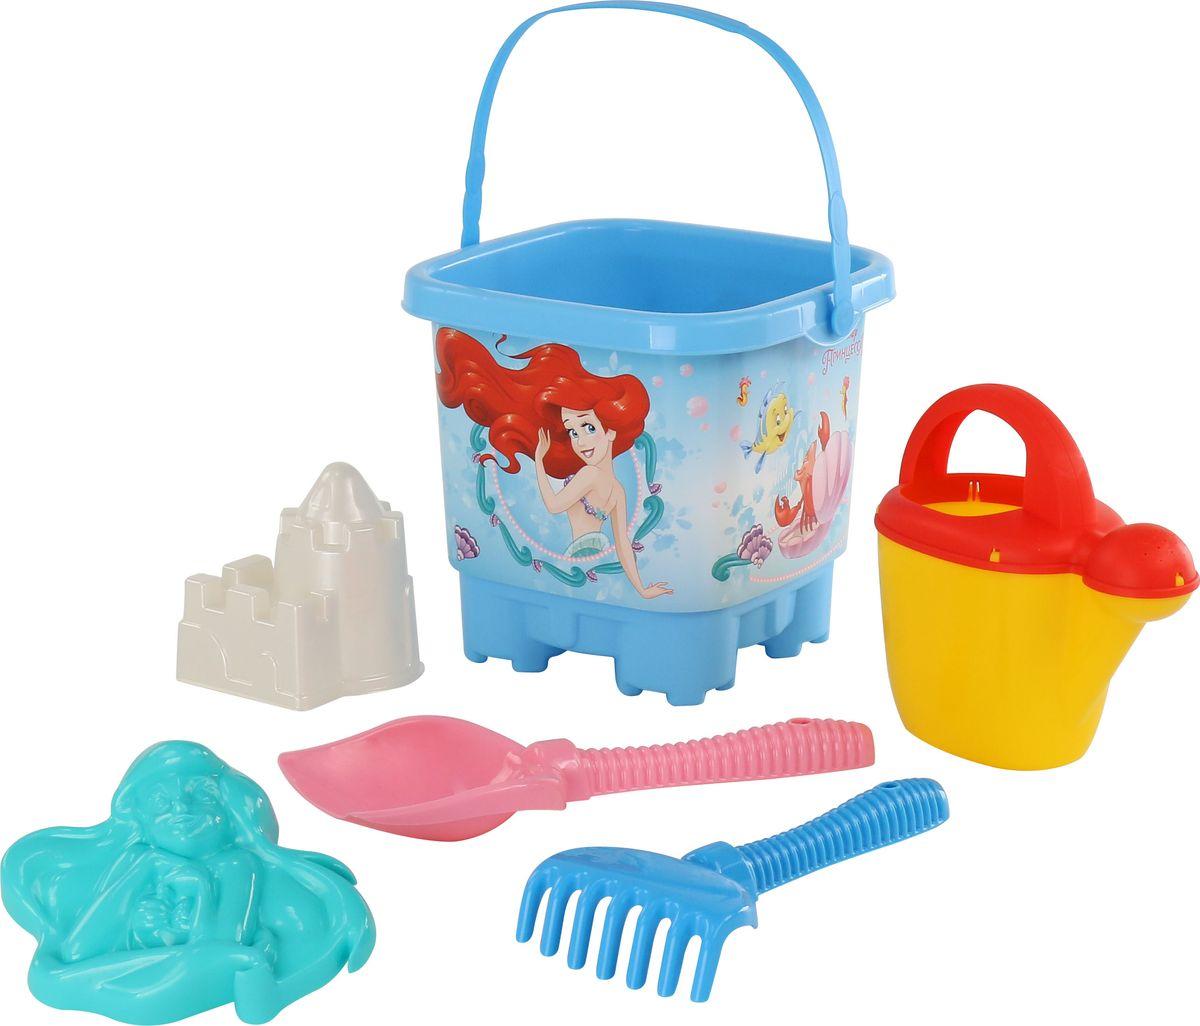 Disney Набор игрушек для песочницы Русалочка №8 marvel набор игрушек для песочницы софия прекрасная 1